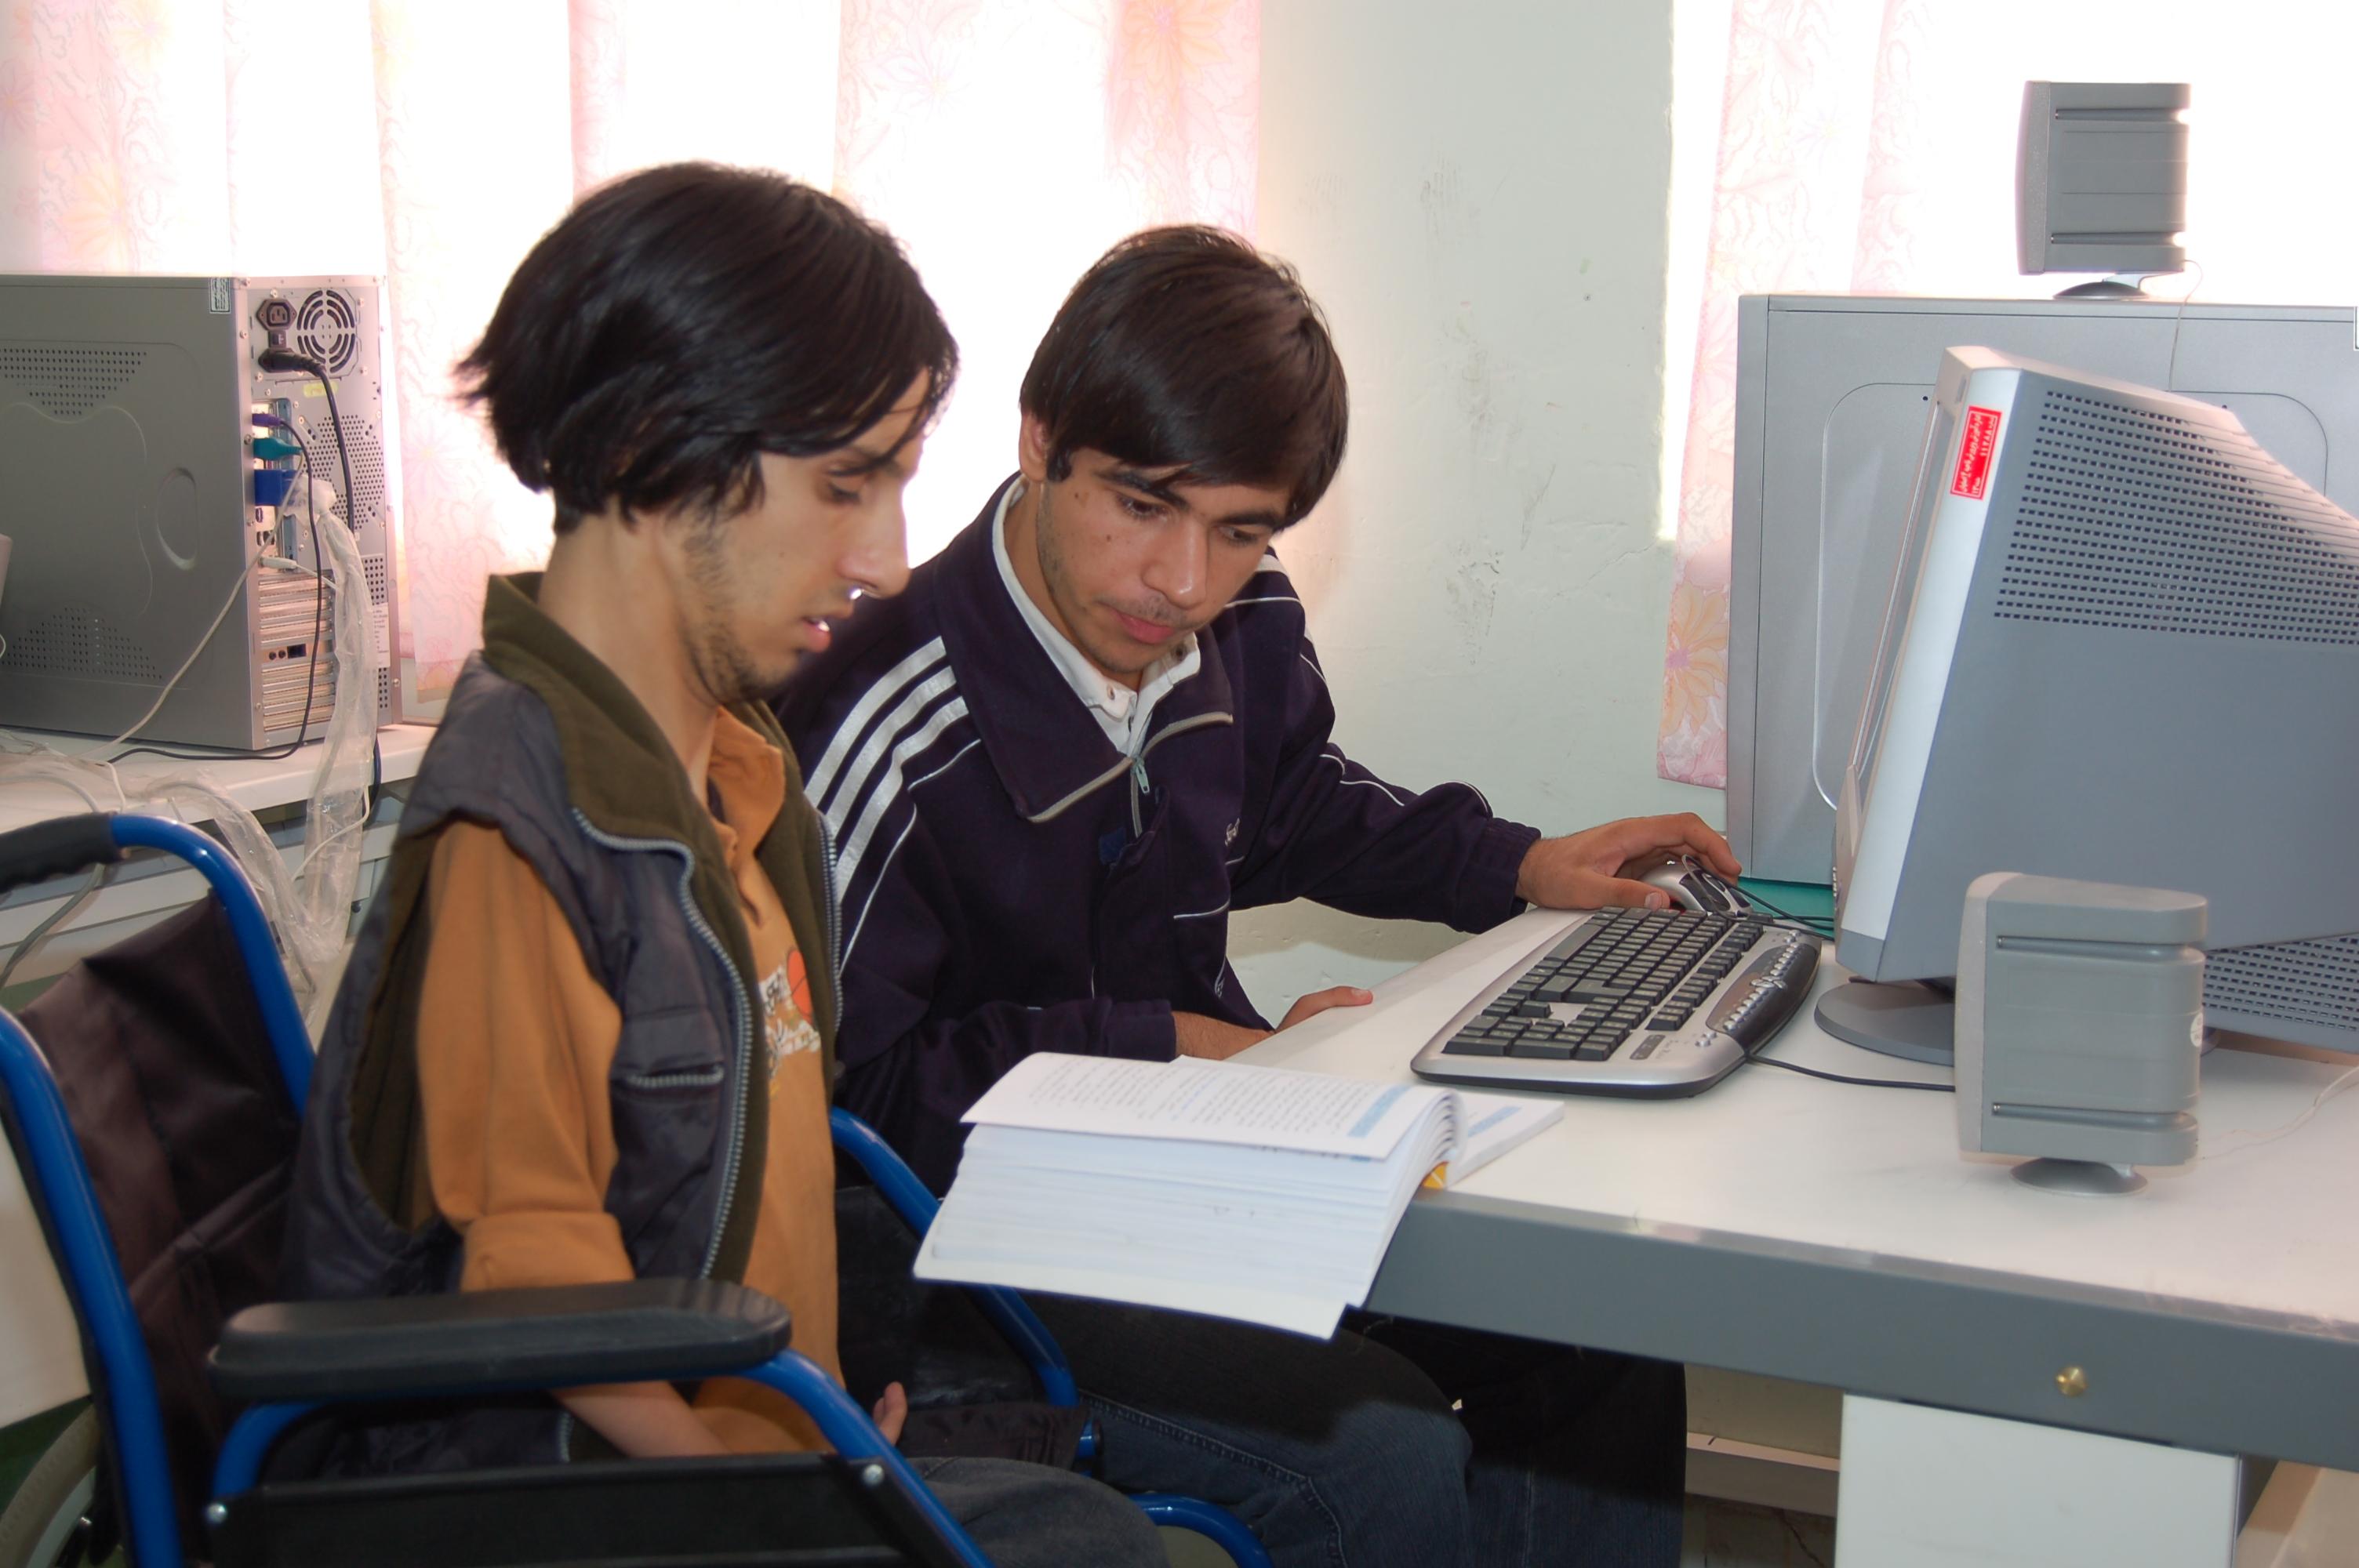 ;کلاس کامپیوتر